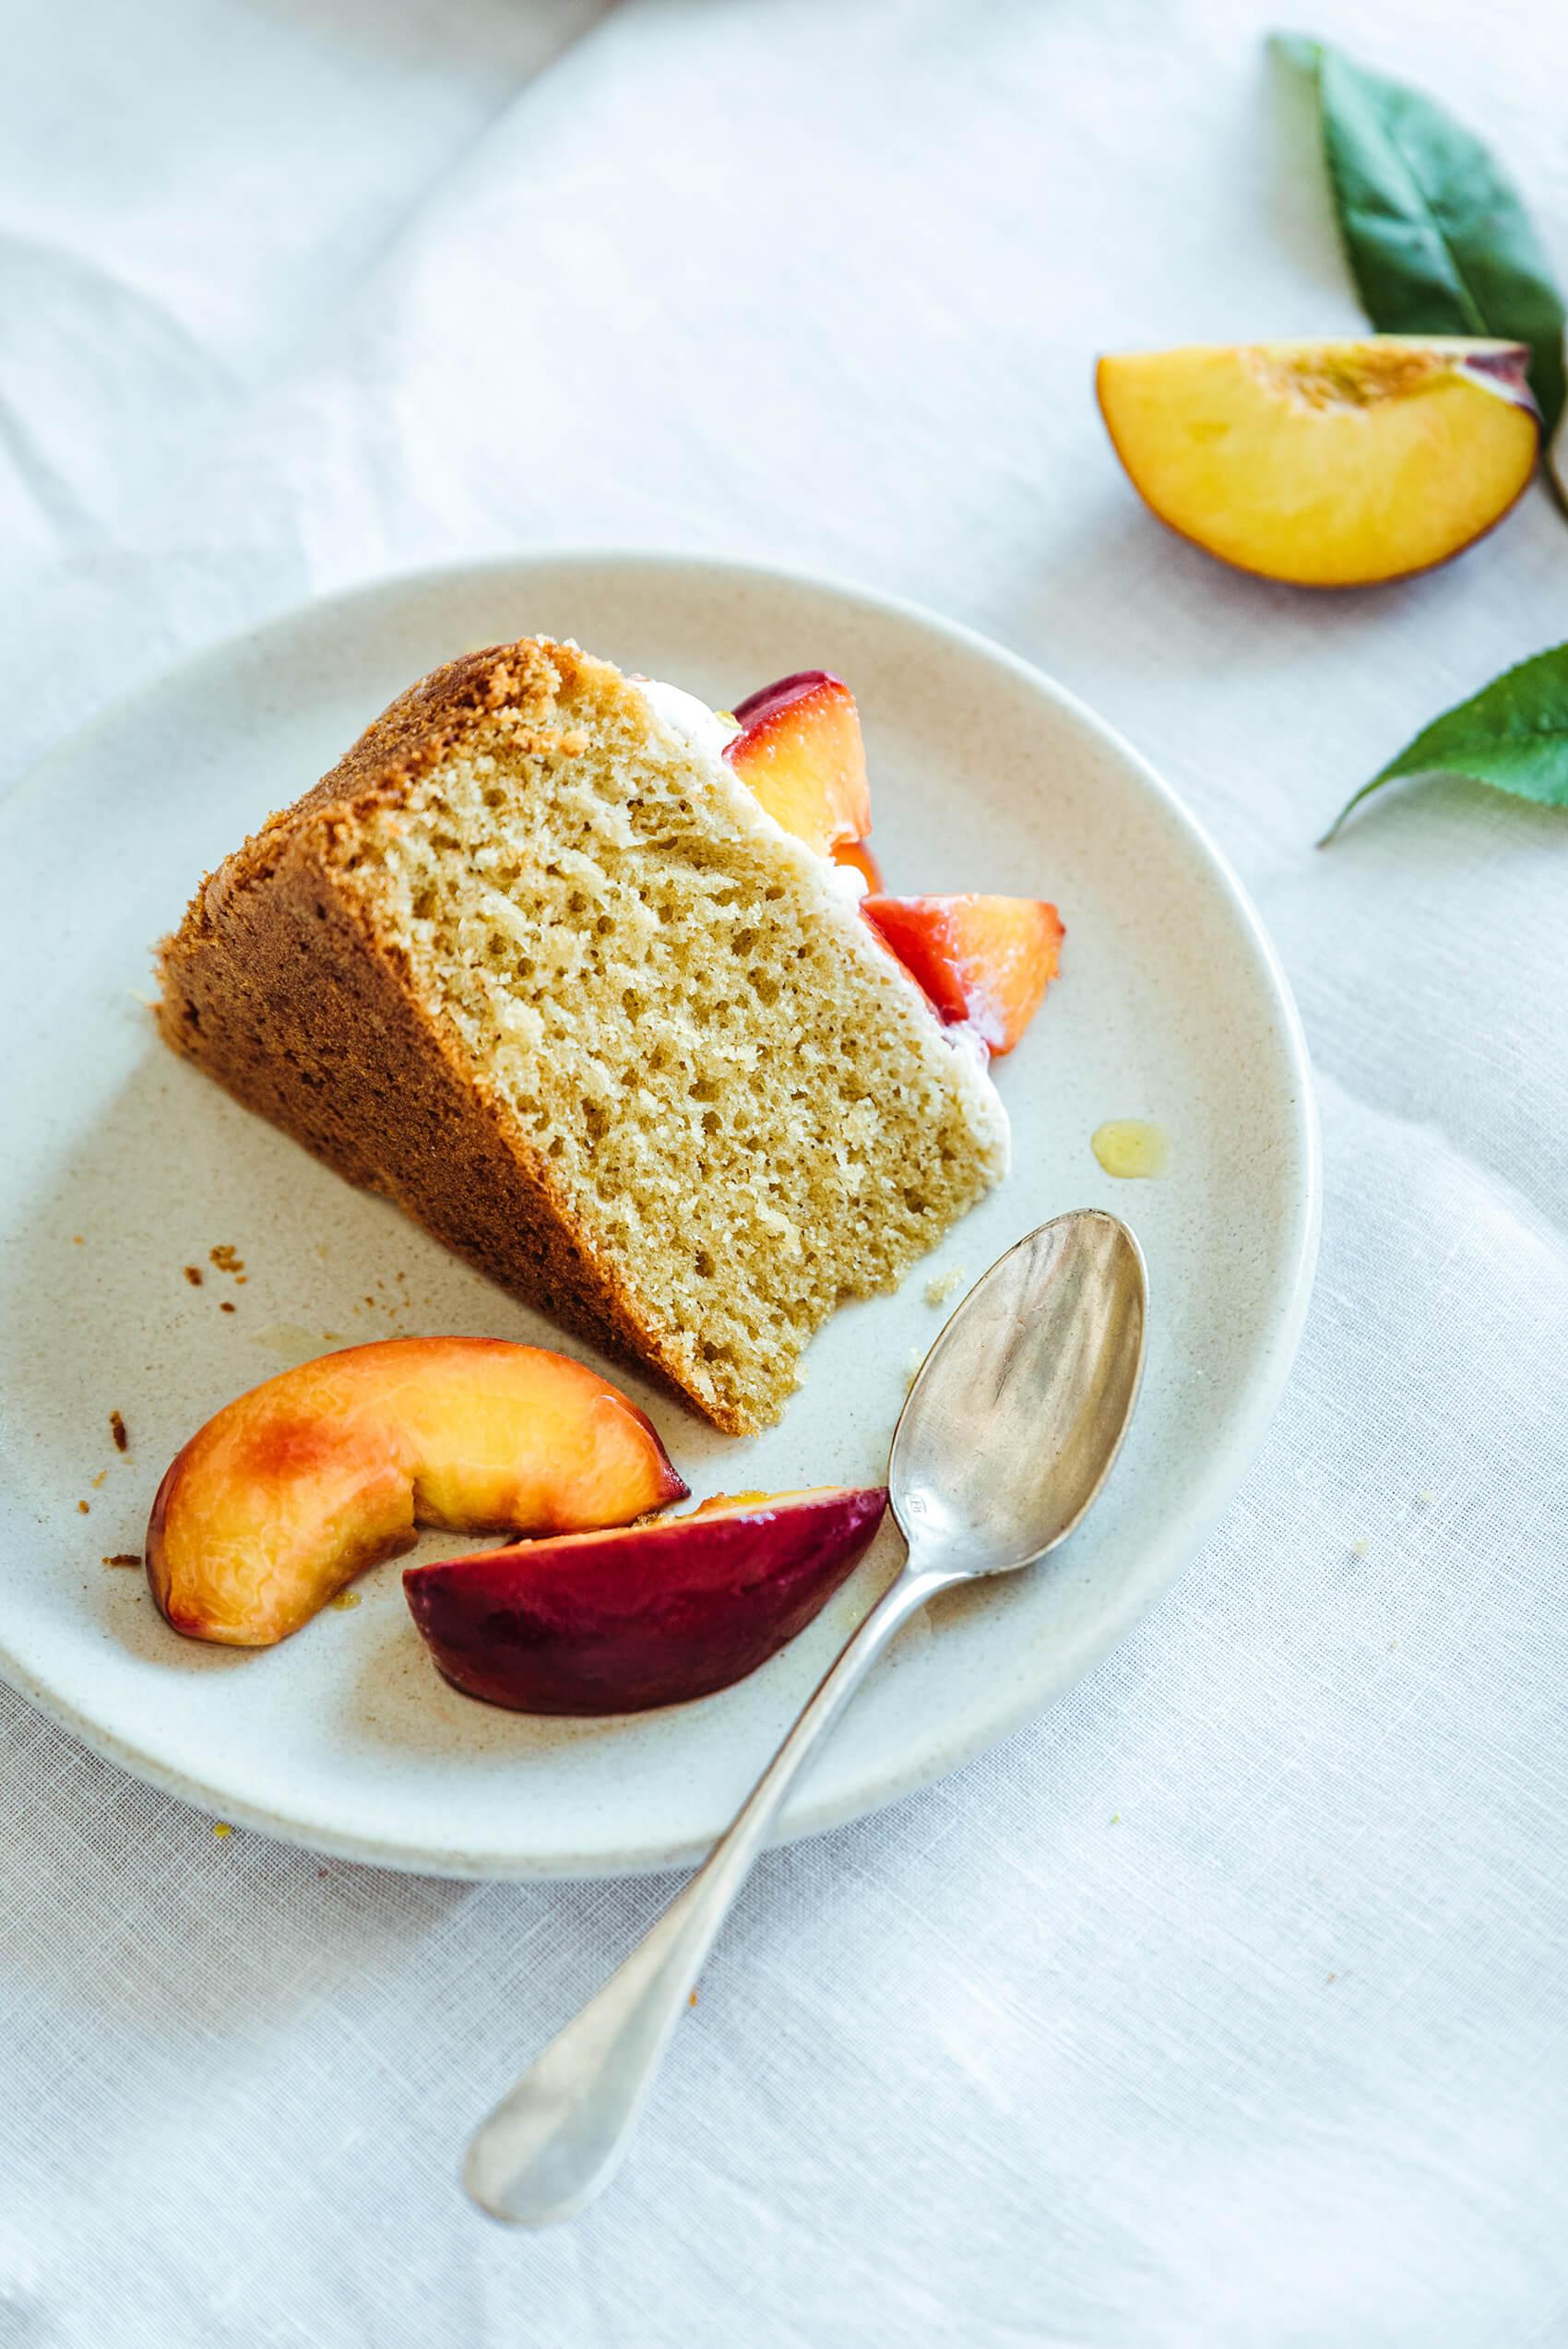 Gâteau huile d'olive, glaçage yaourt et pêches rôties - Lilie Bakery